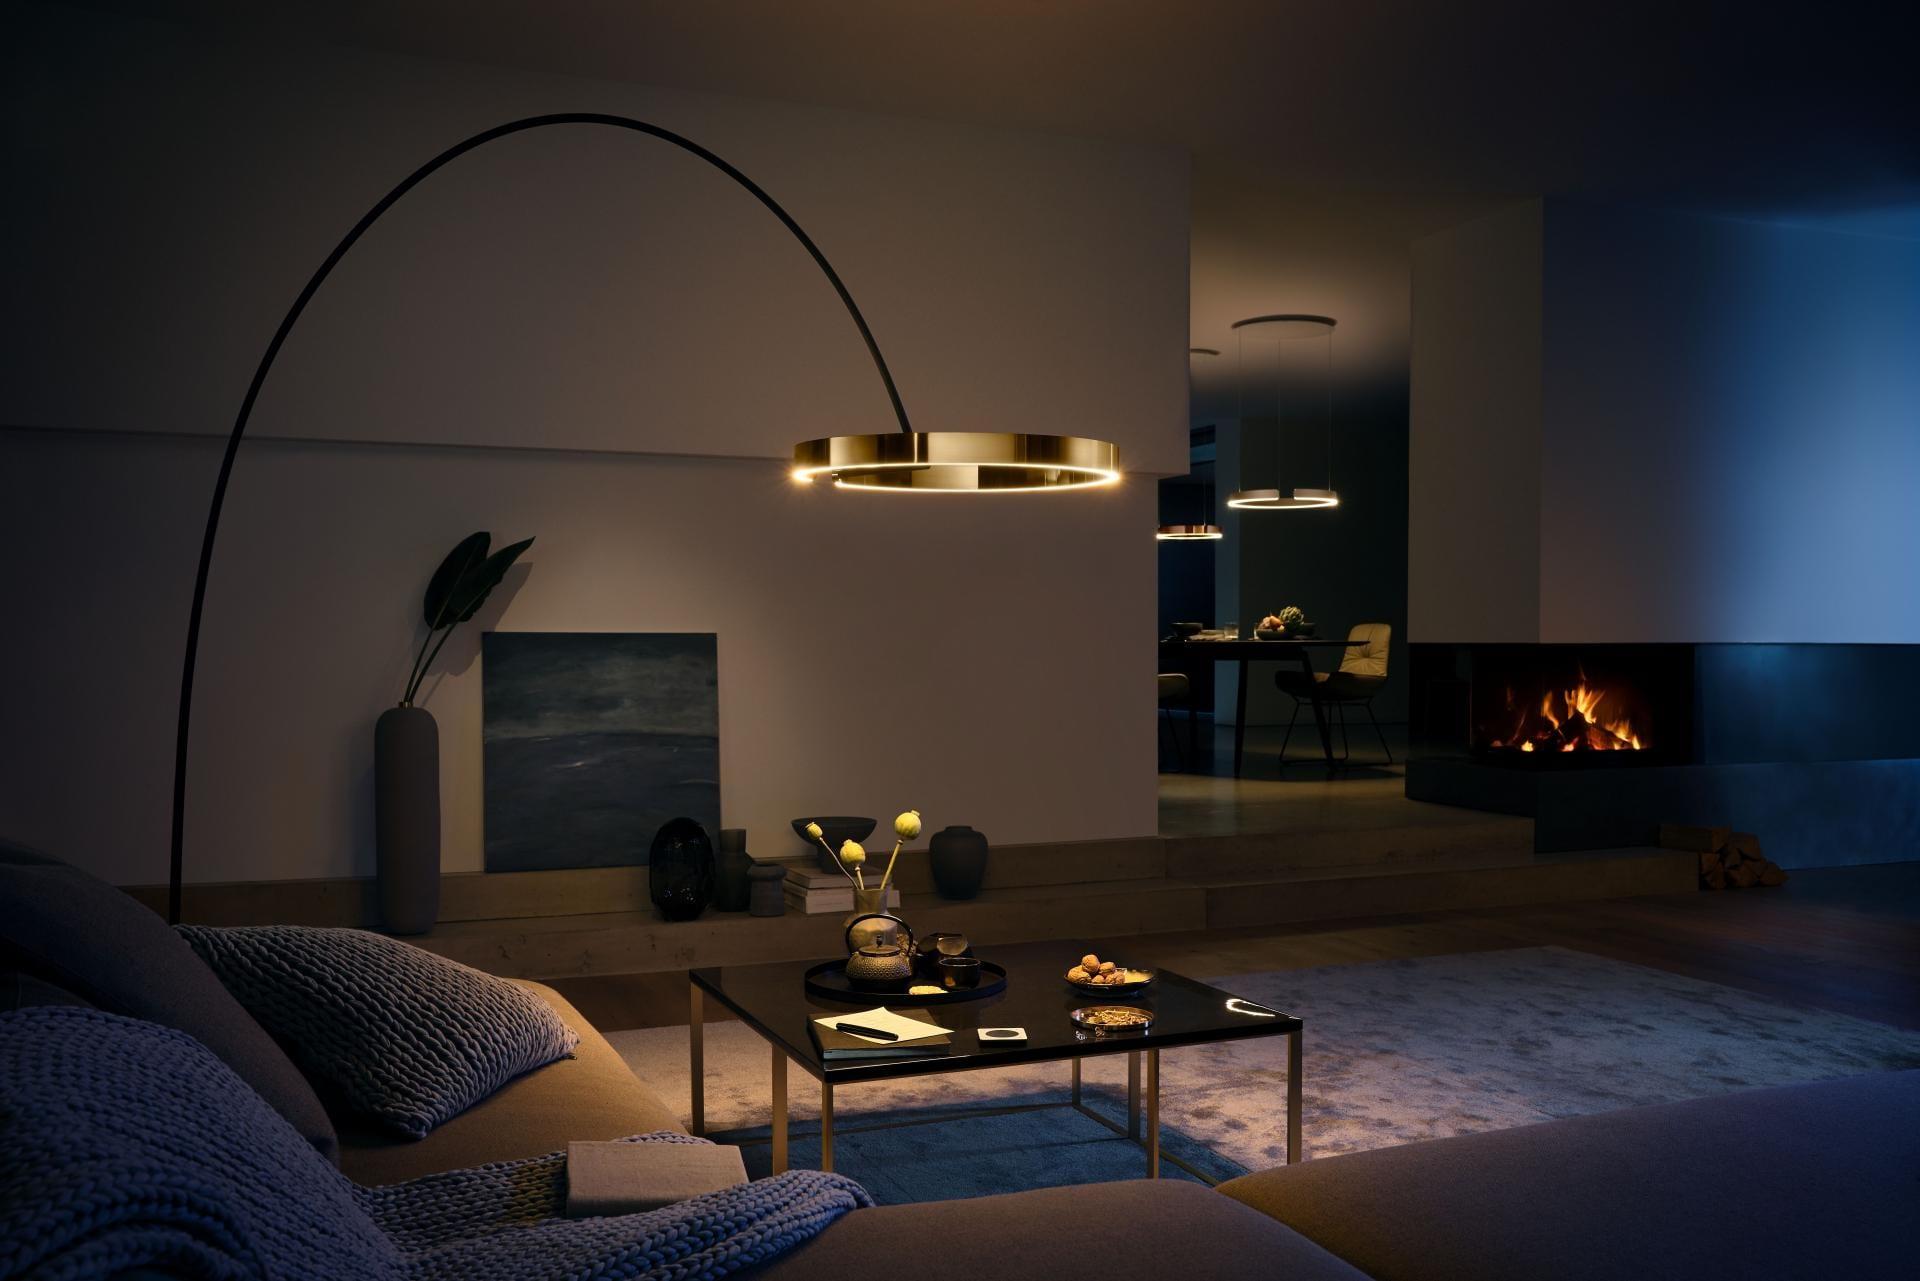 Living Room Lighting - Asco Lights